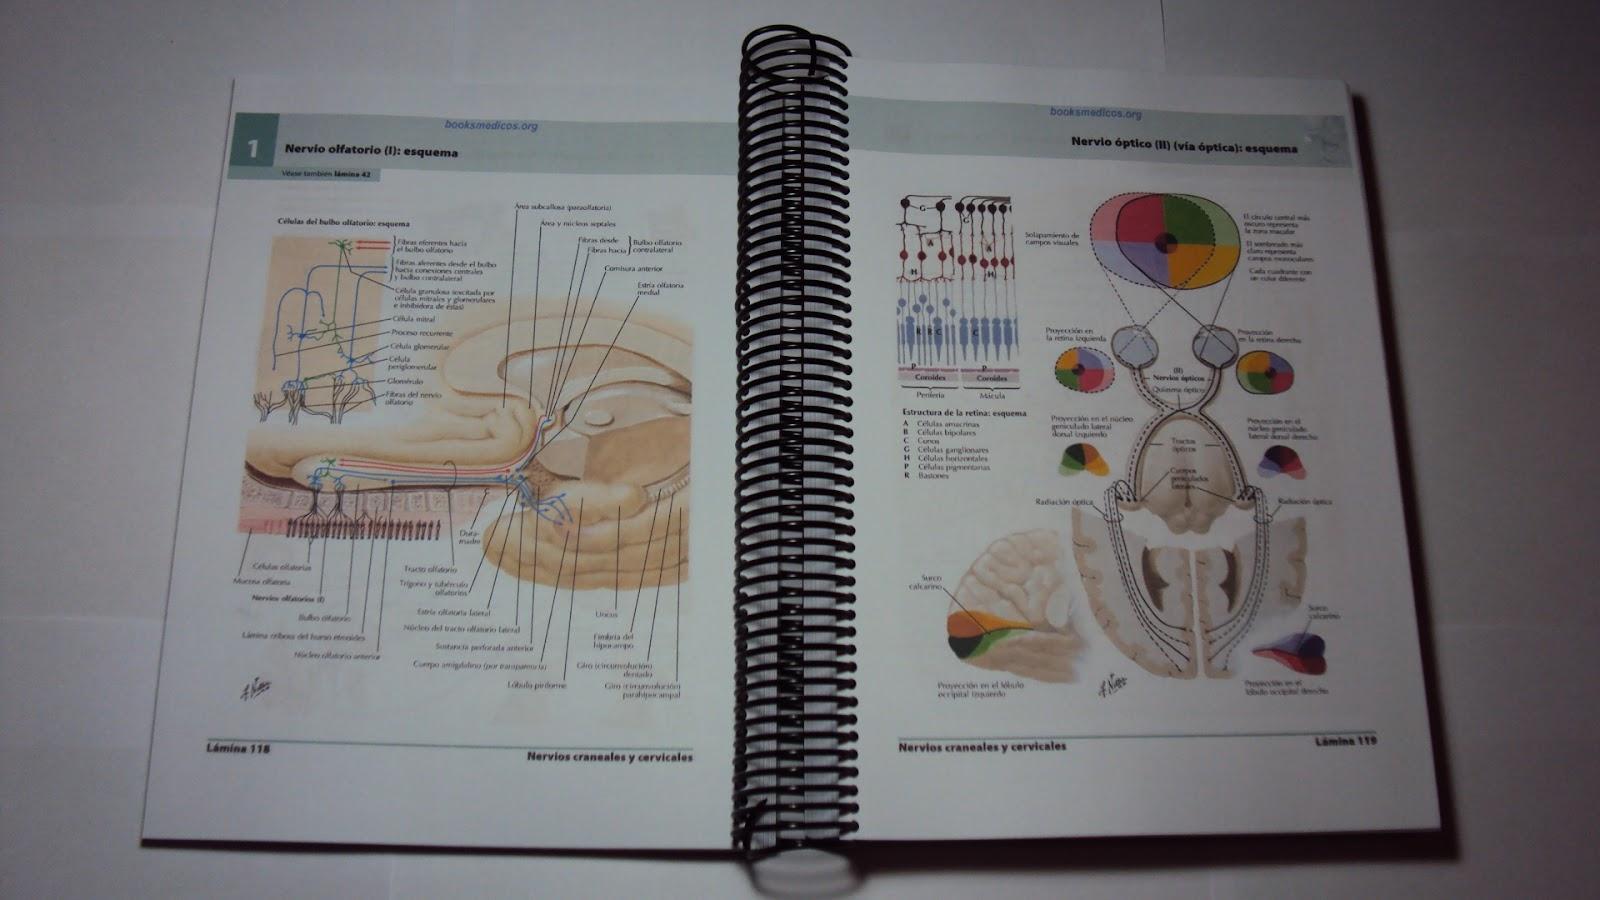 Libros a Color para FFyB: Listado de Precios y Link para bajar los PDF